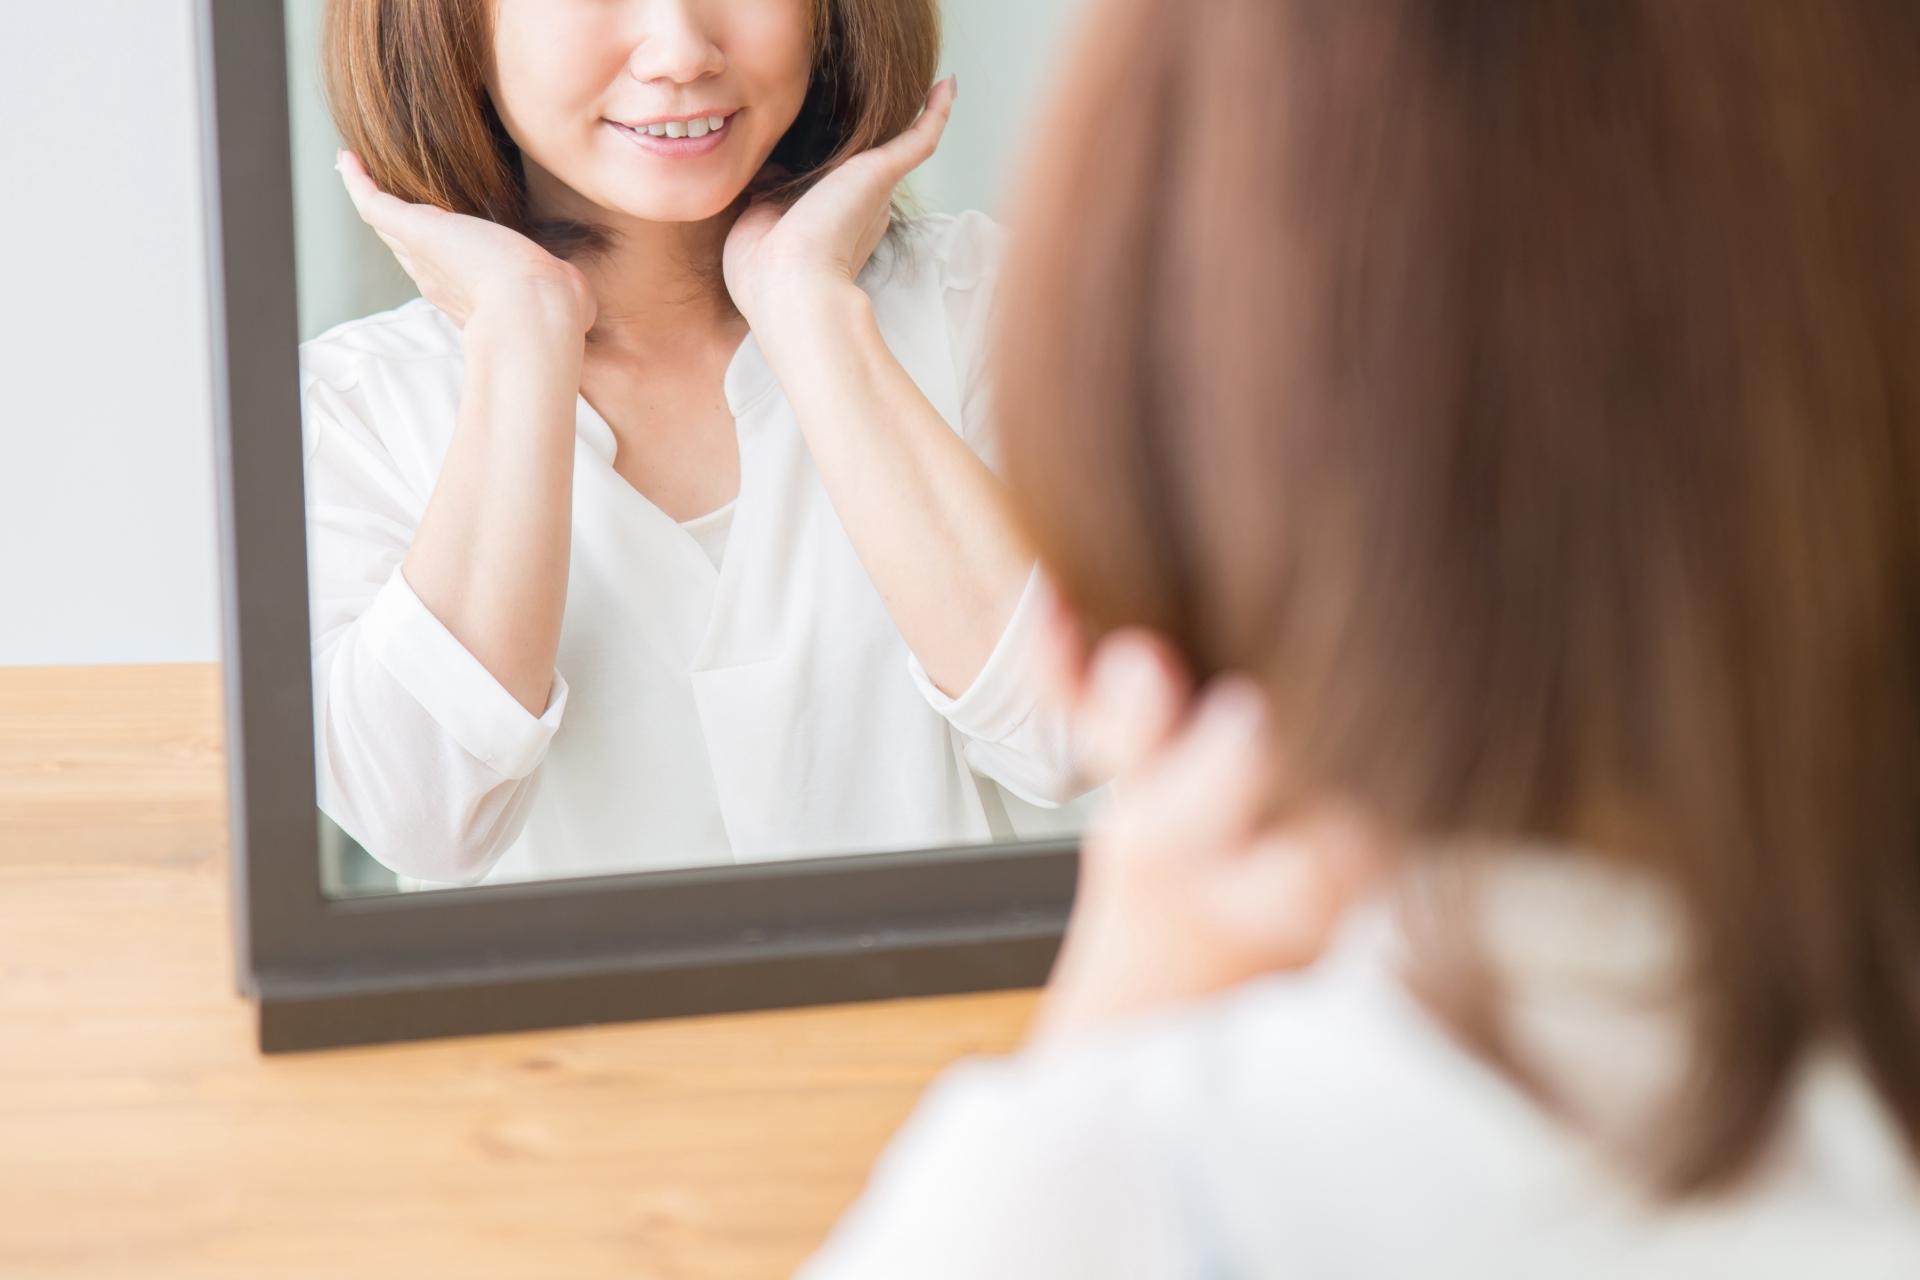 髪のボリュームが気になる女性